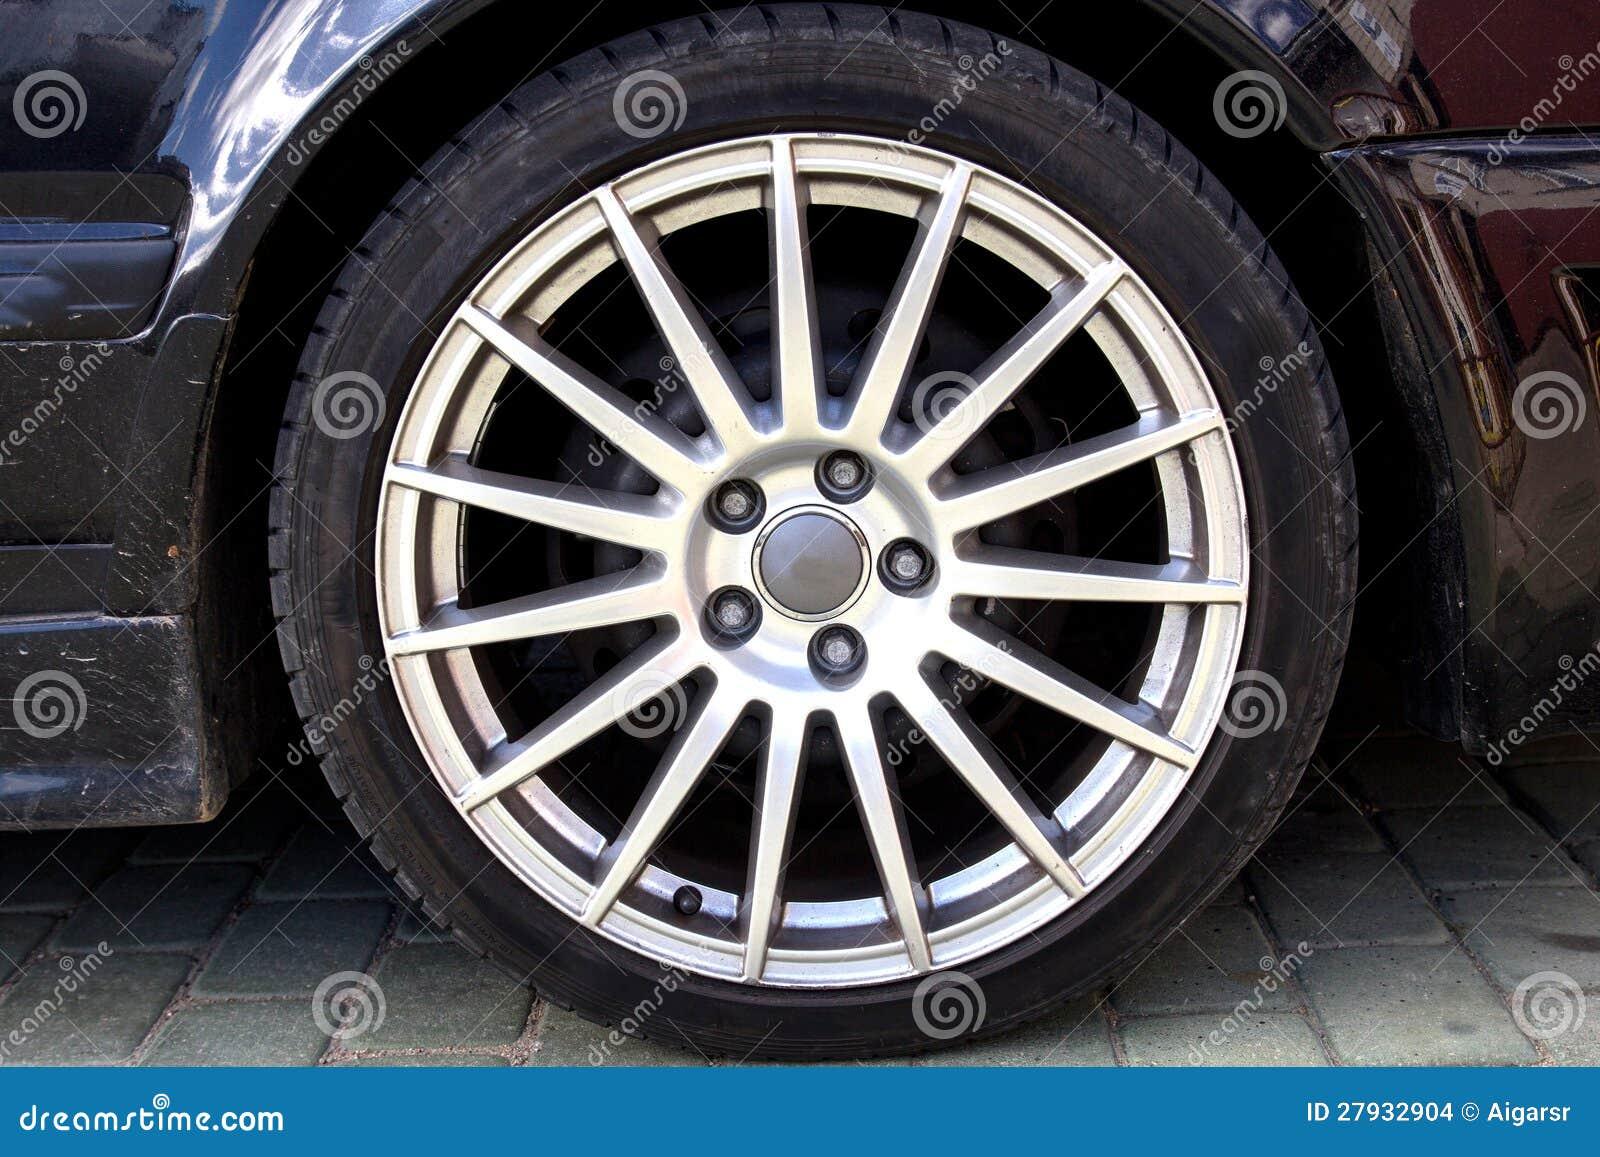 Колесо сплава автомобиля